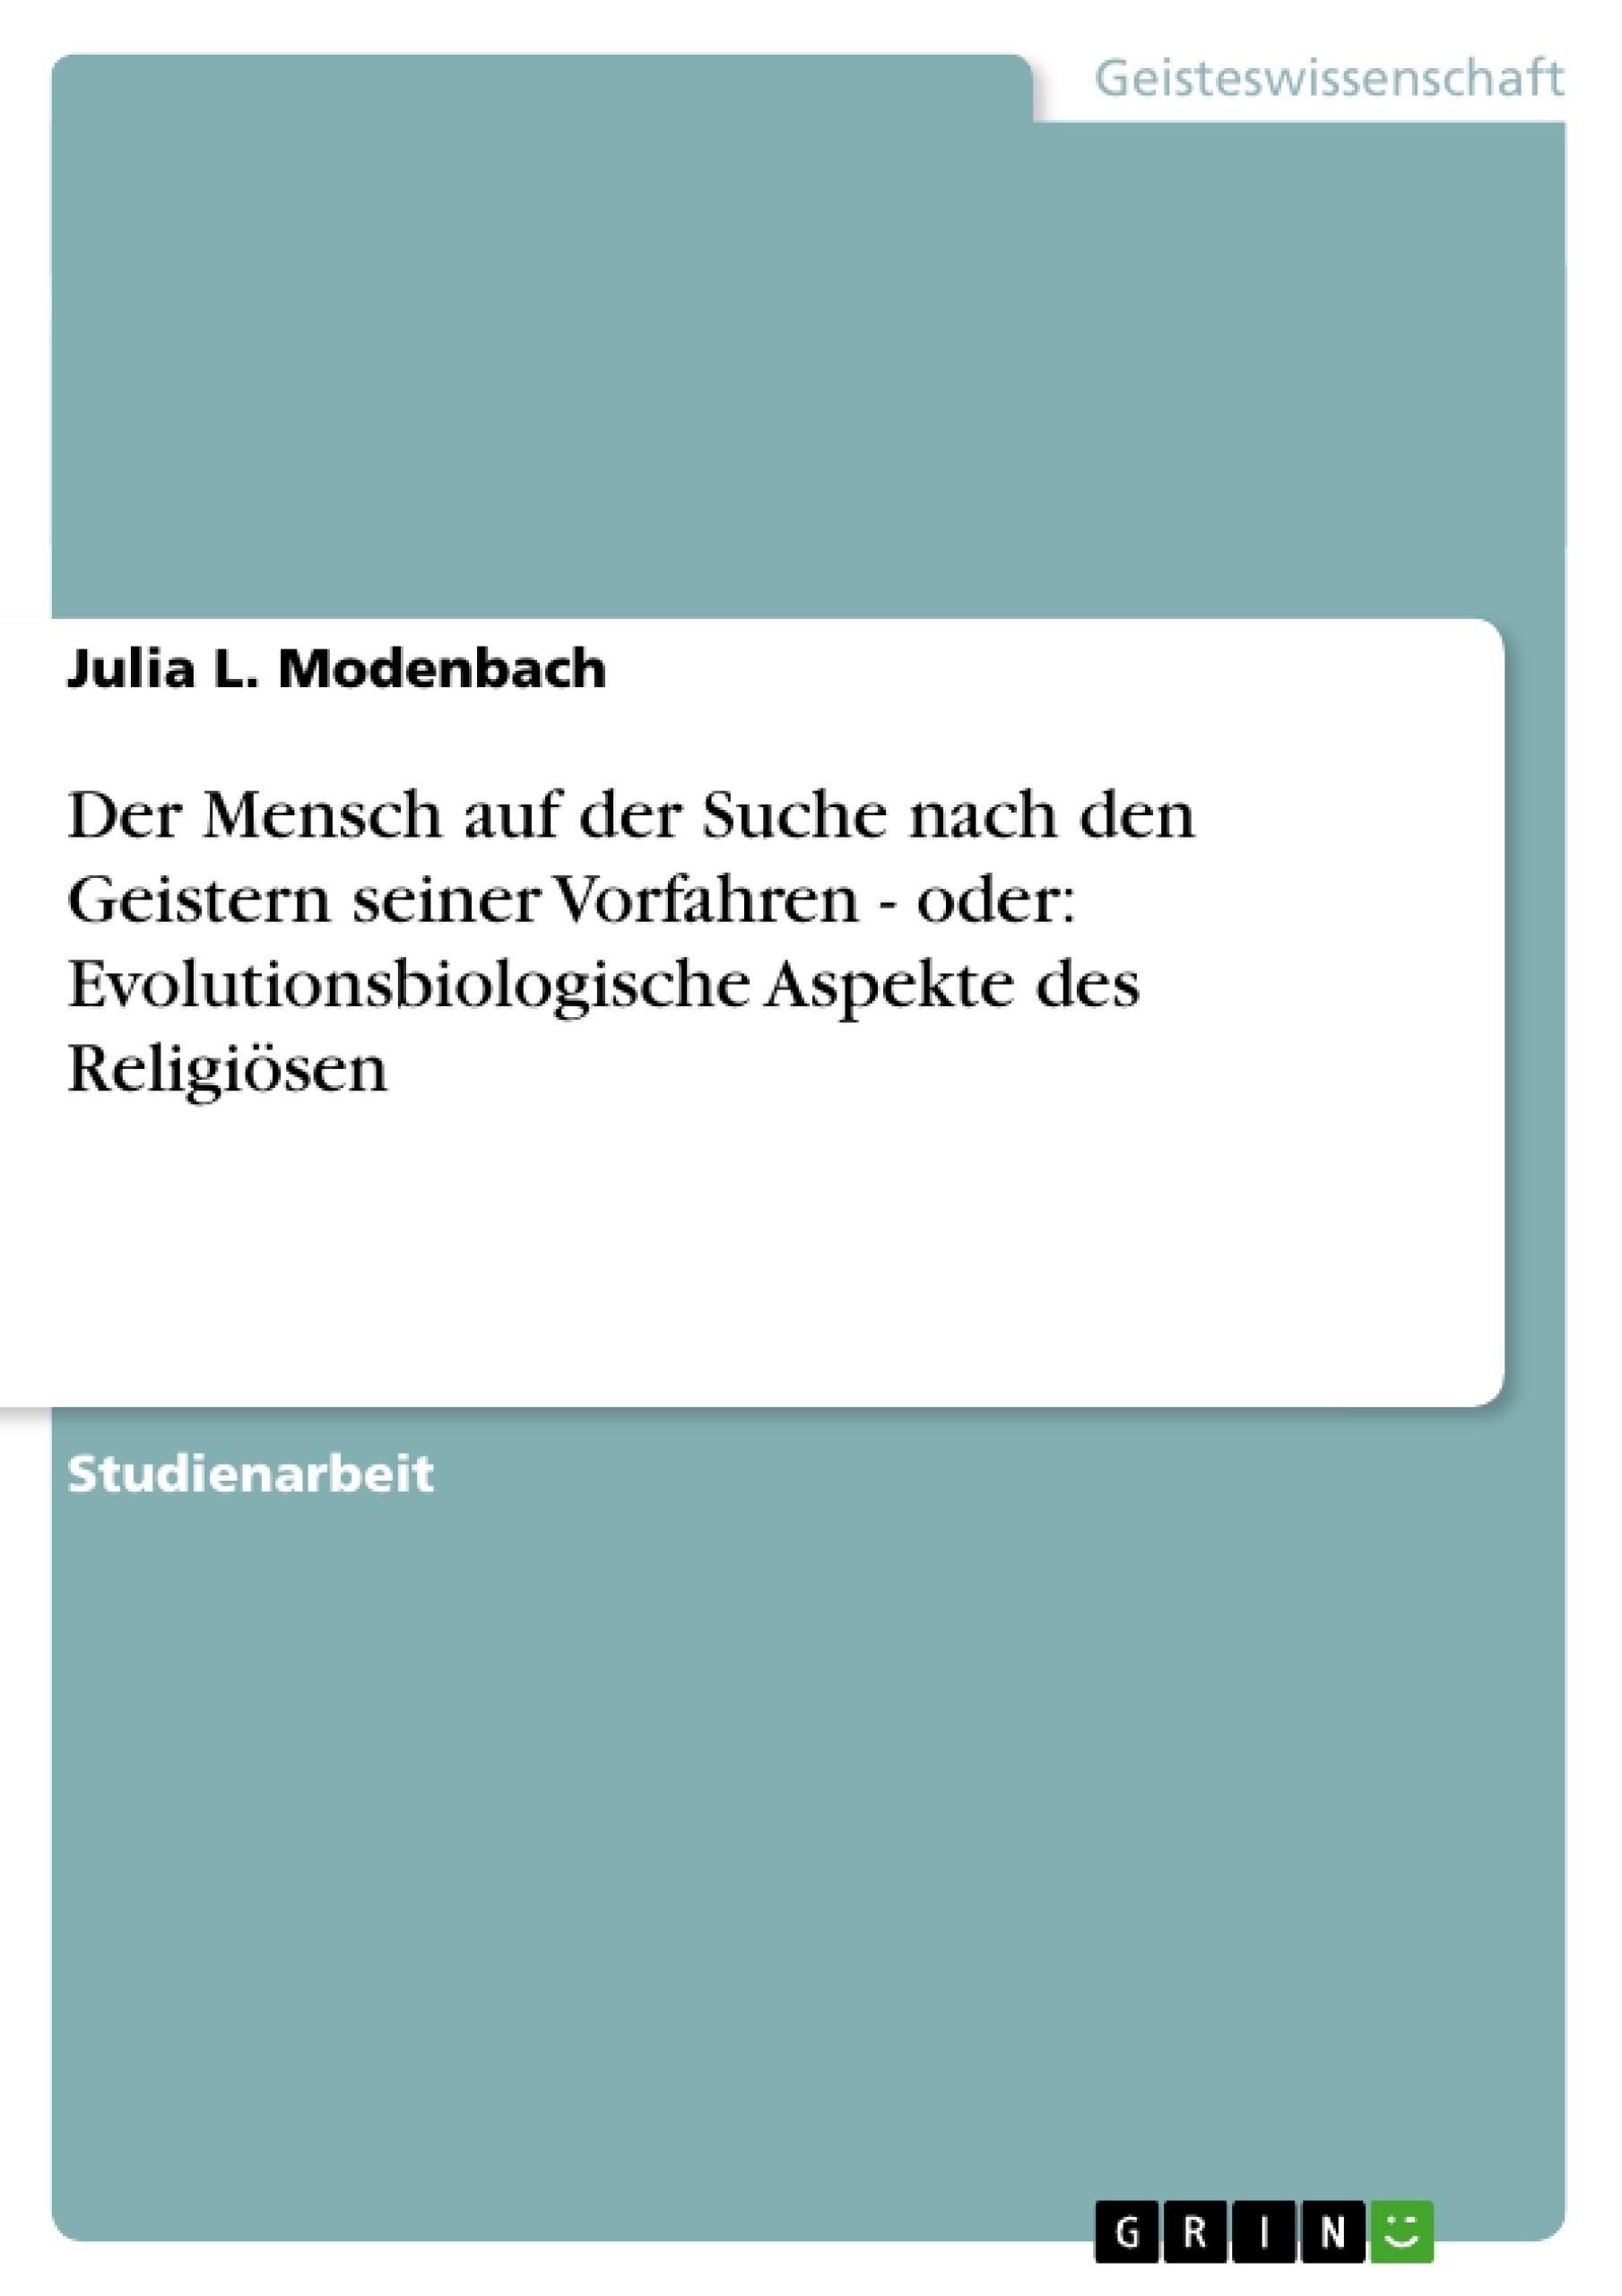 Titel: Der Mensch auf der Suche nach den Geistern seiner Vorfahren - oder: Evolutionsbiologische Aspekte des Religiösen